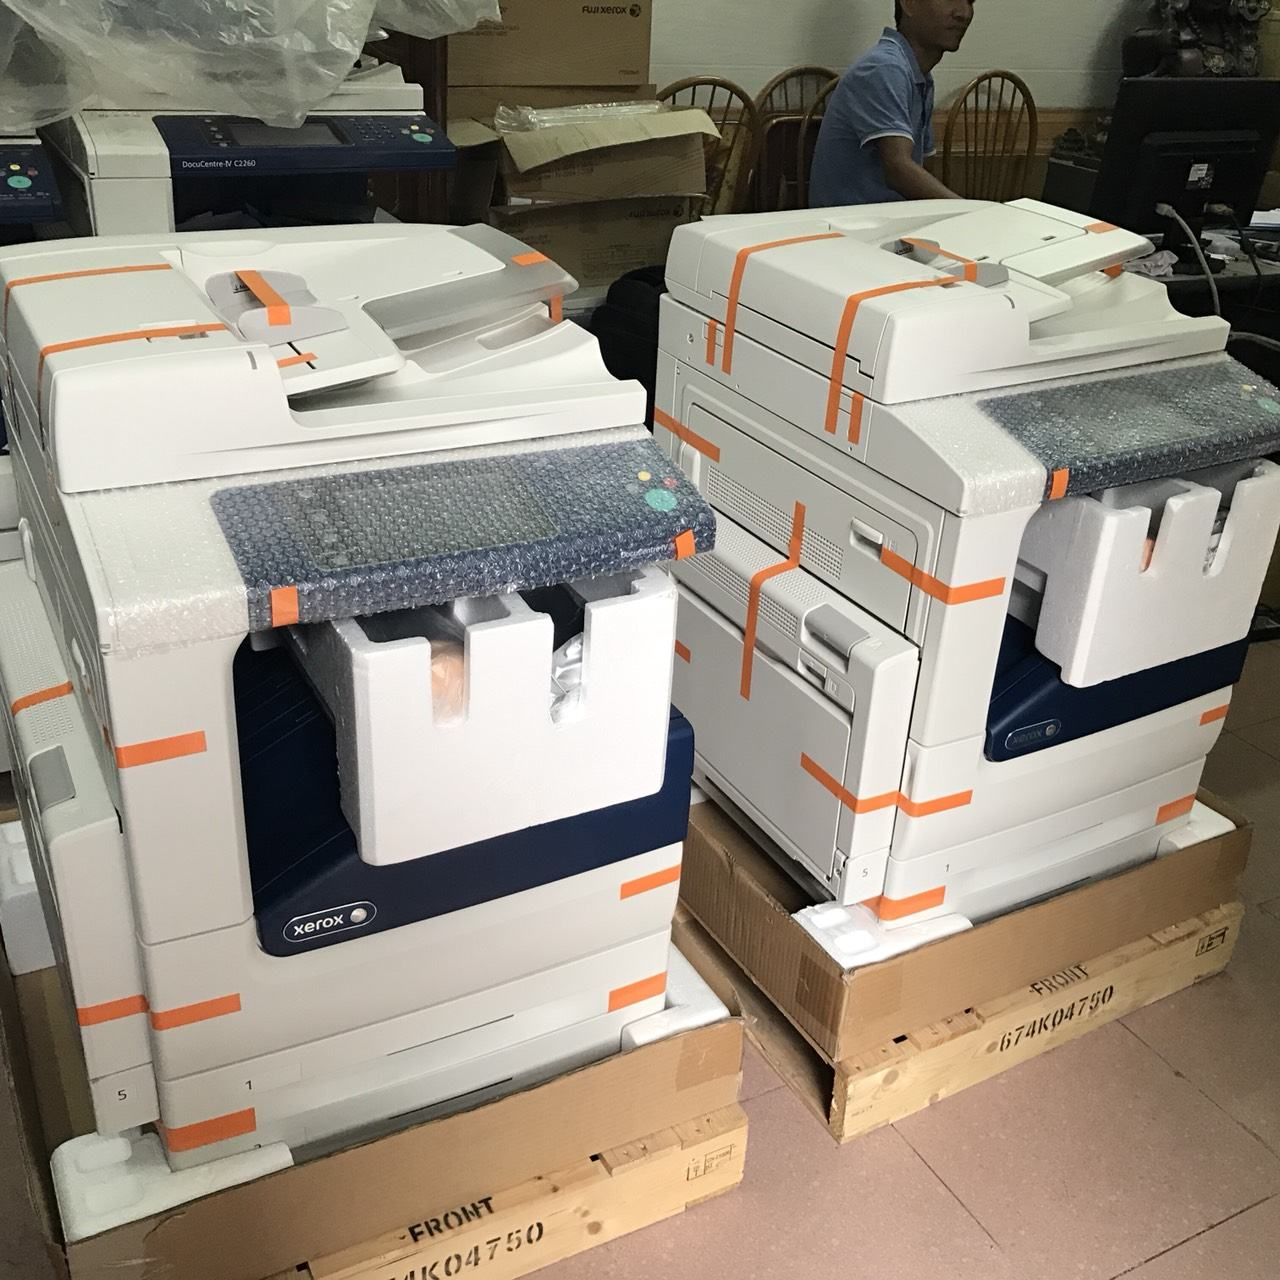 Cho thuê máy photocopy giá rẻ uy tín tại Hà Nội